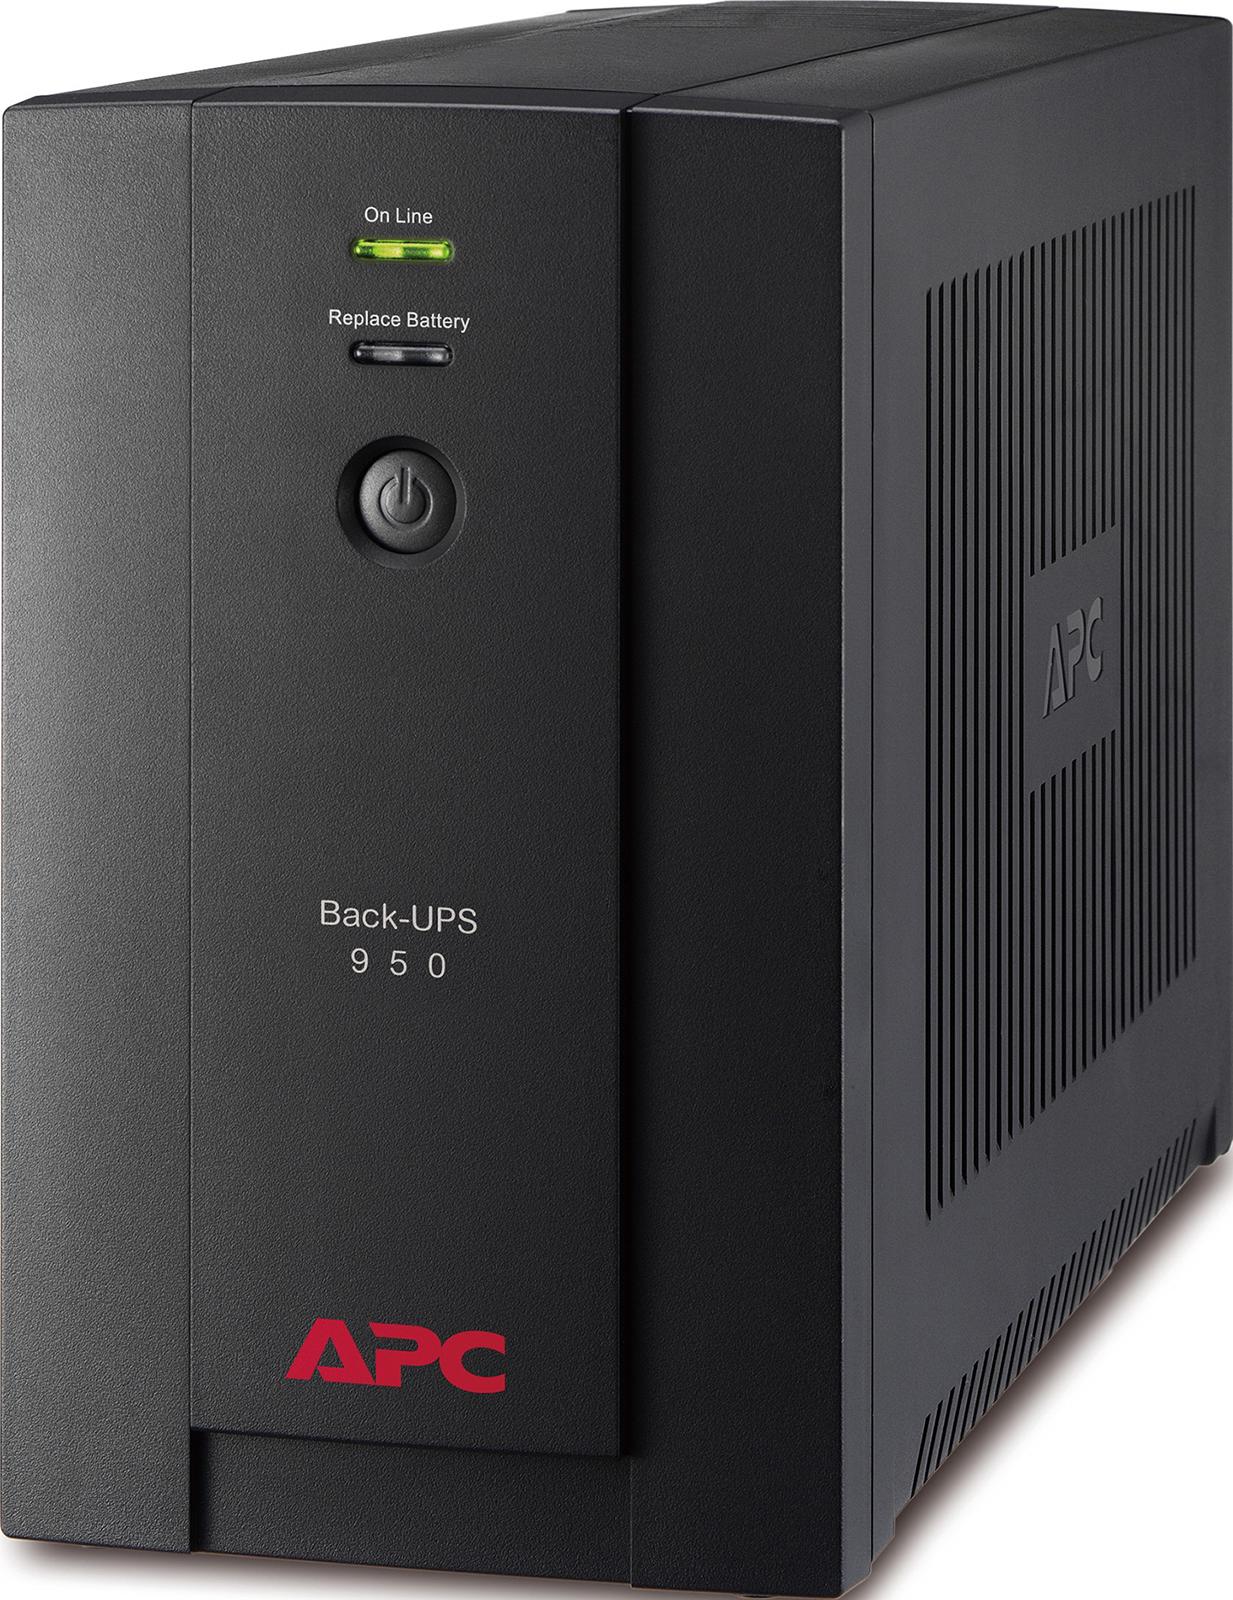 ИБП APC BX950UI Back-UPS 950VA/480W (6 IEC) источник бесперебойного питания apc back ups 950va 230v avr iec sockets bx950ui